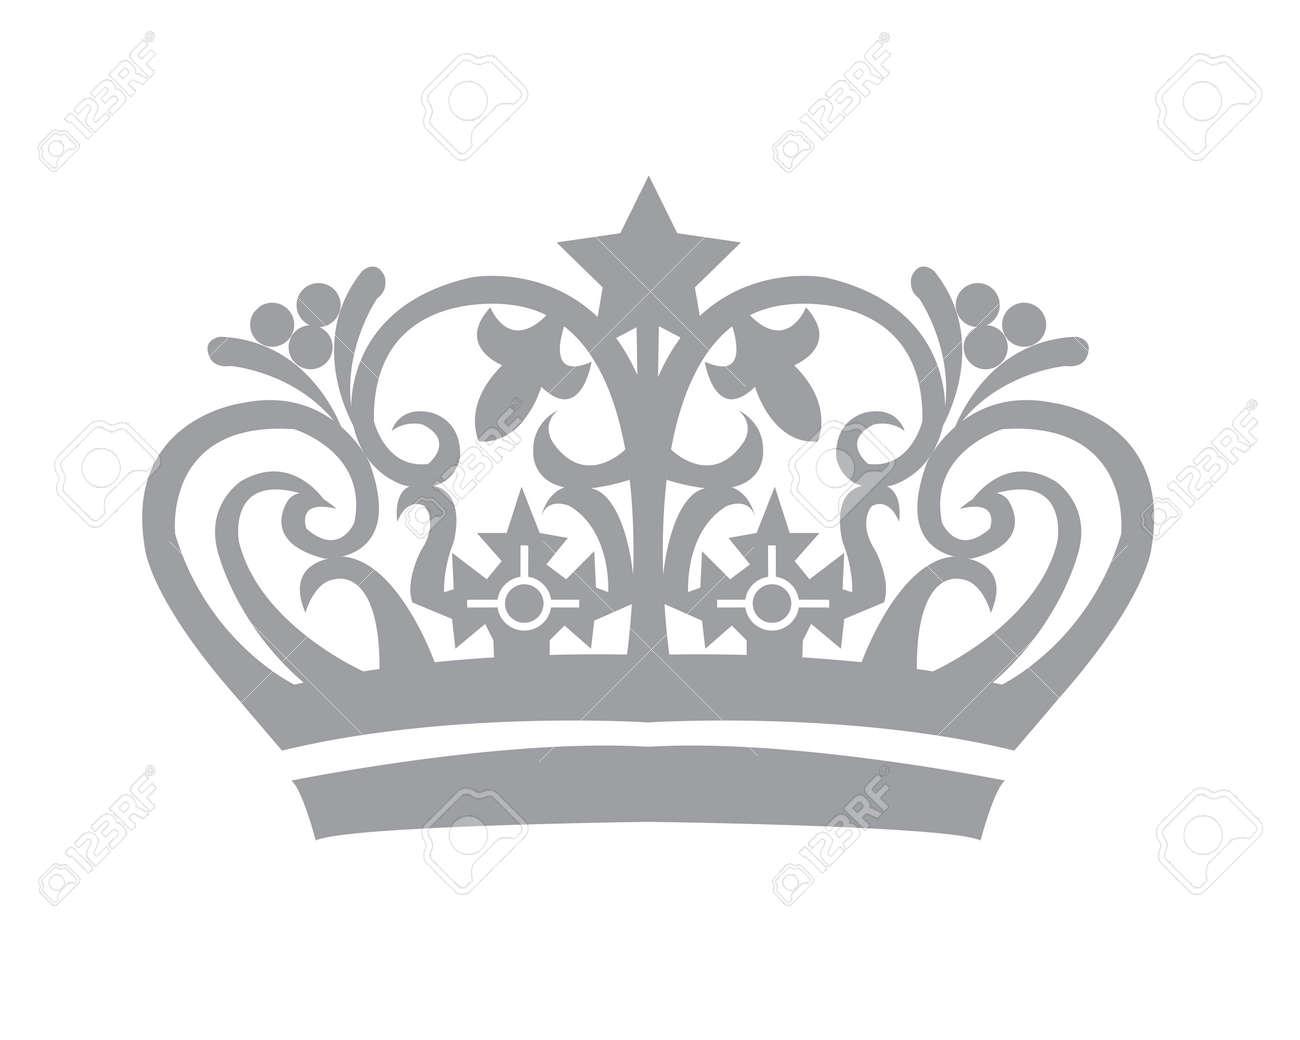 Tiara Crown Logo Royalty Free Cliparts, Vectors, And Stock ...